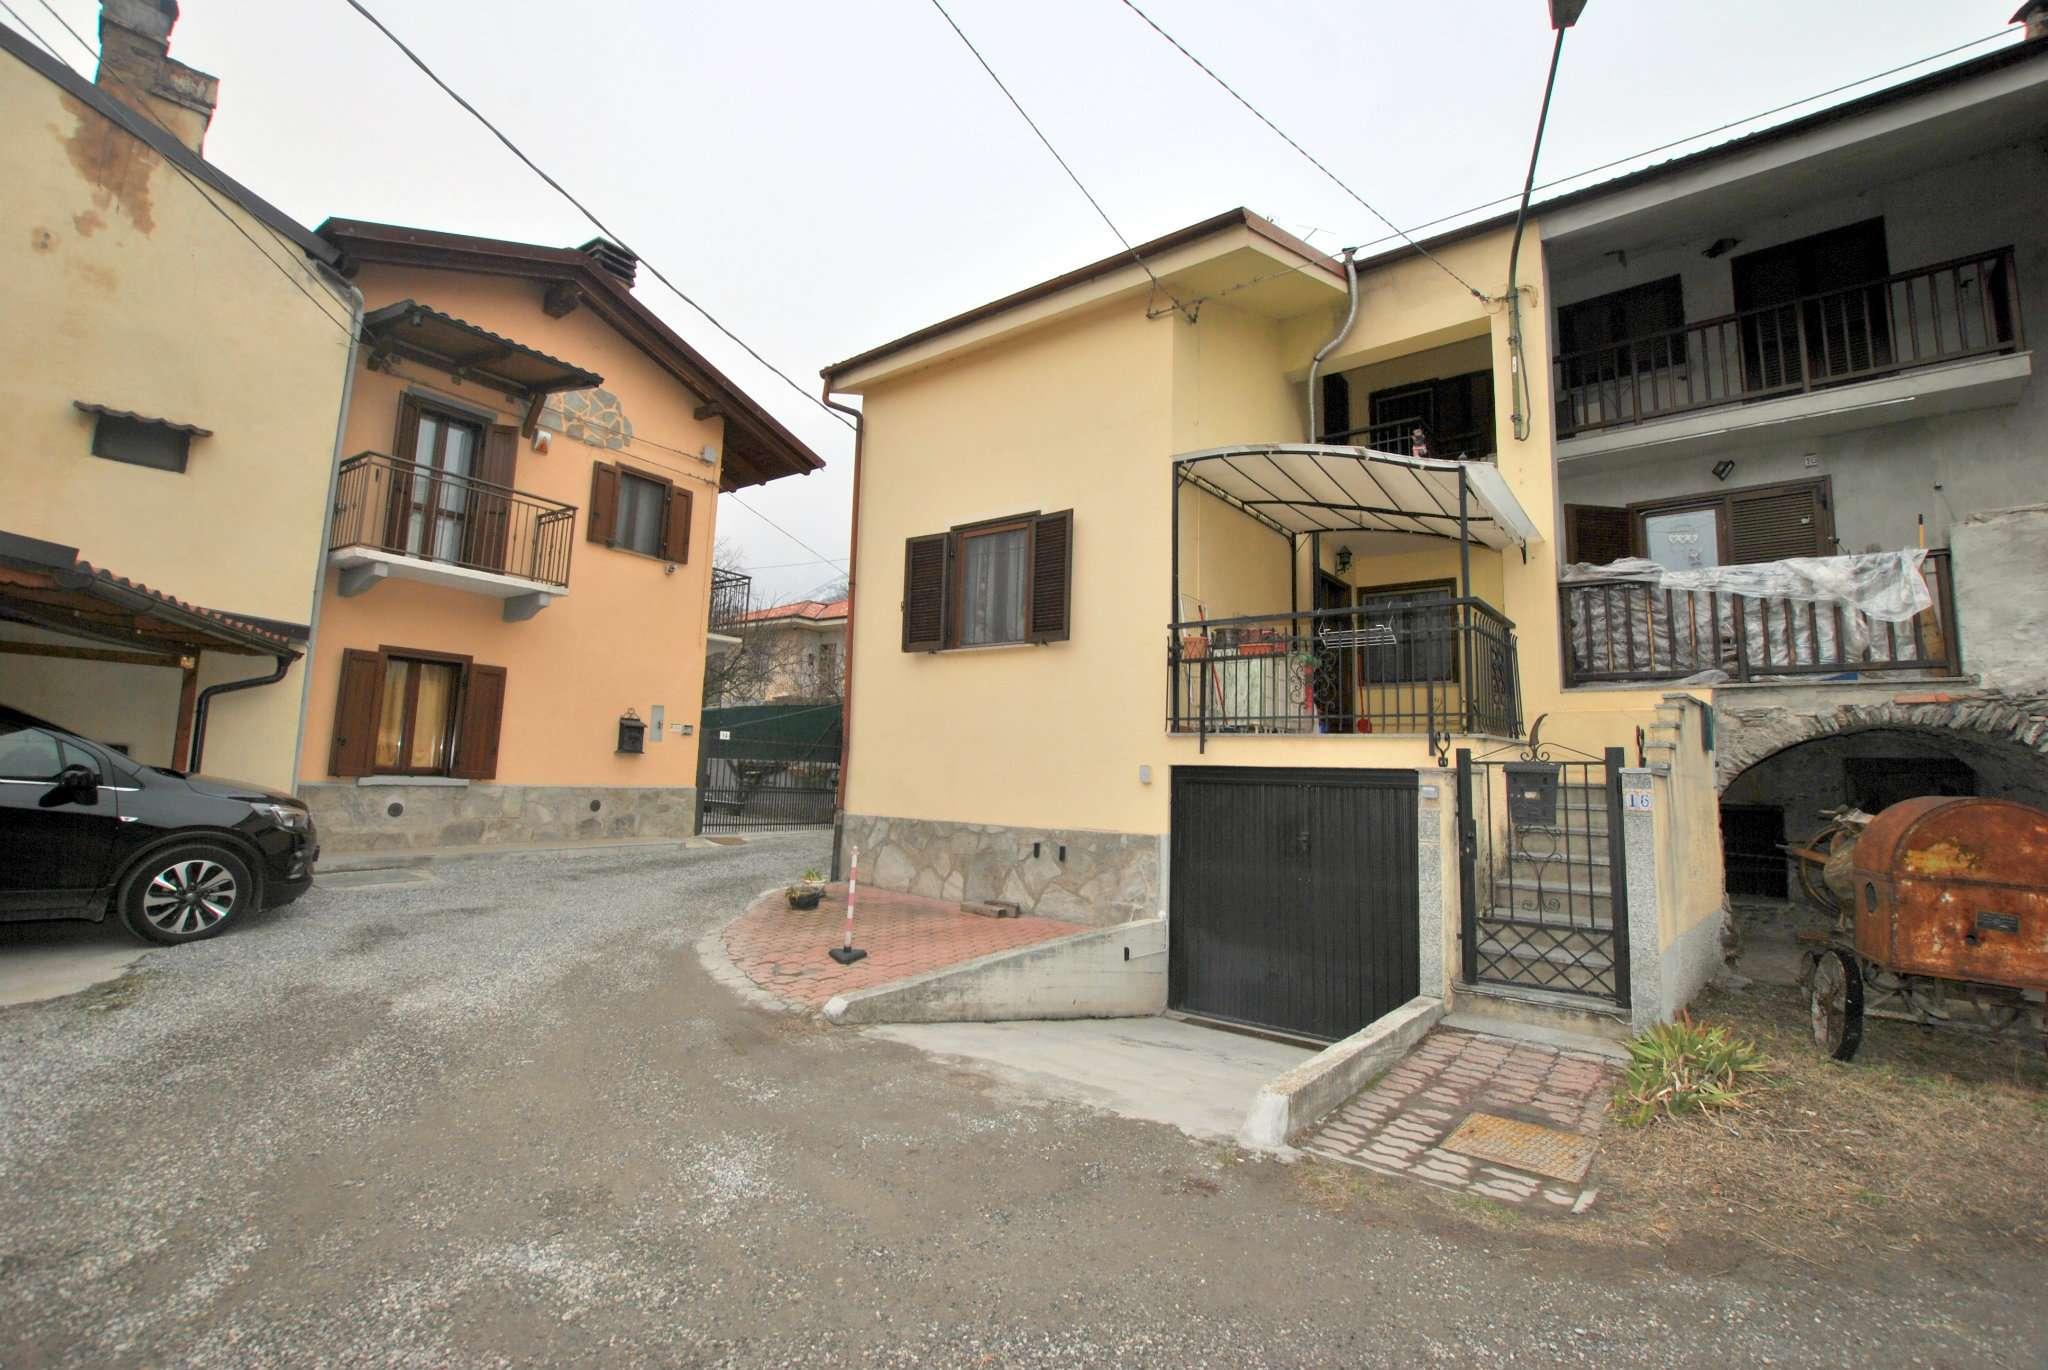 Soluzione Semindipendente in vendita a Chianocco, 7 locali, prezzo € 129.000 | CambioCasa.it